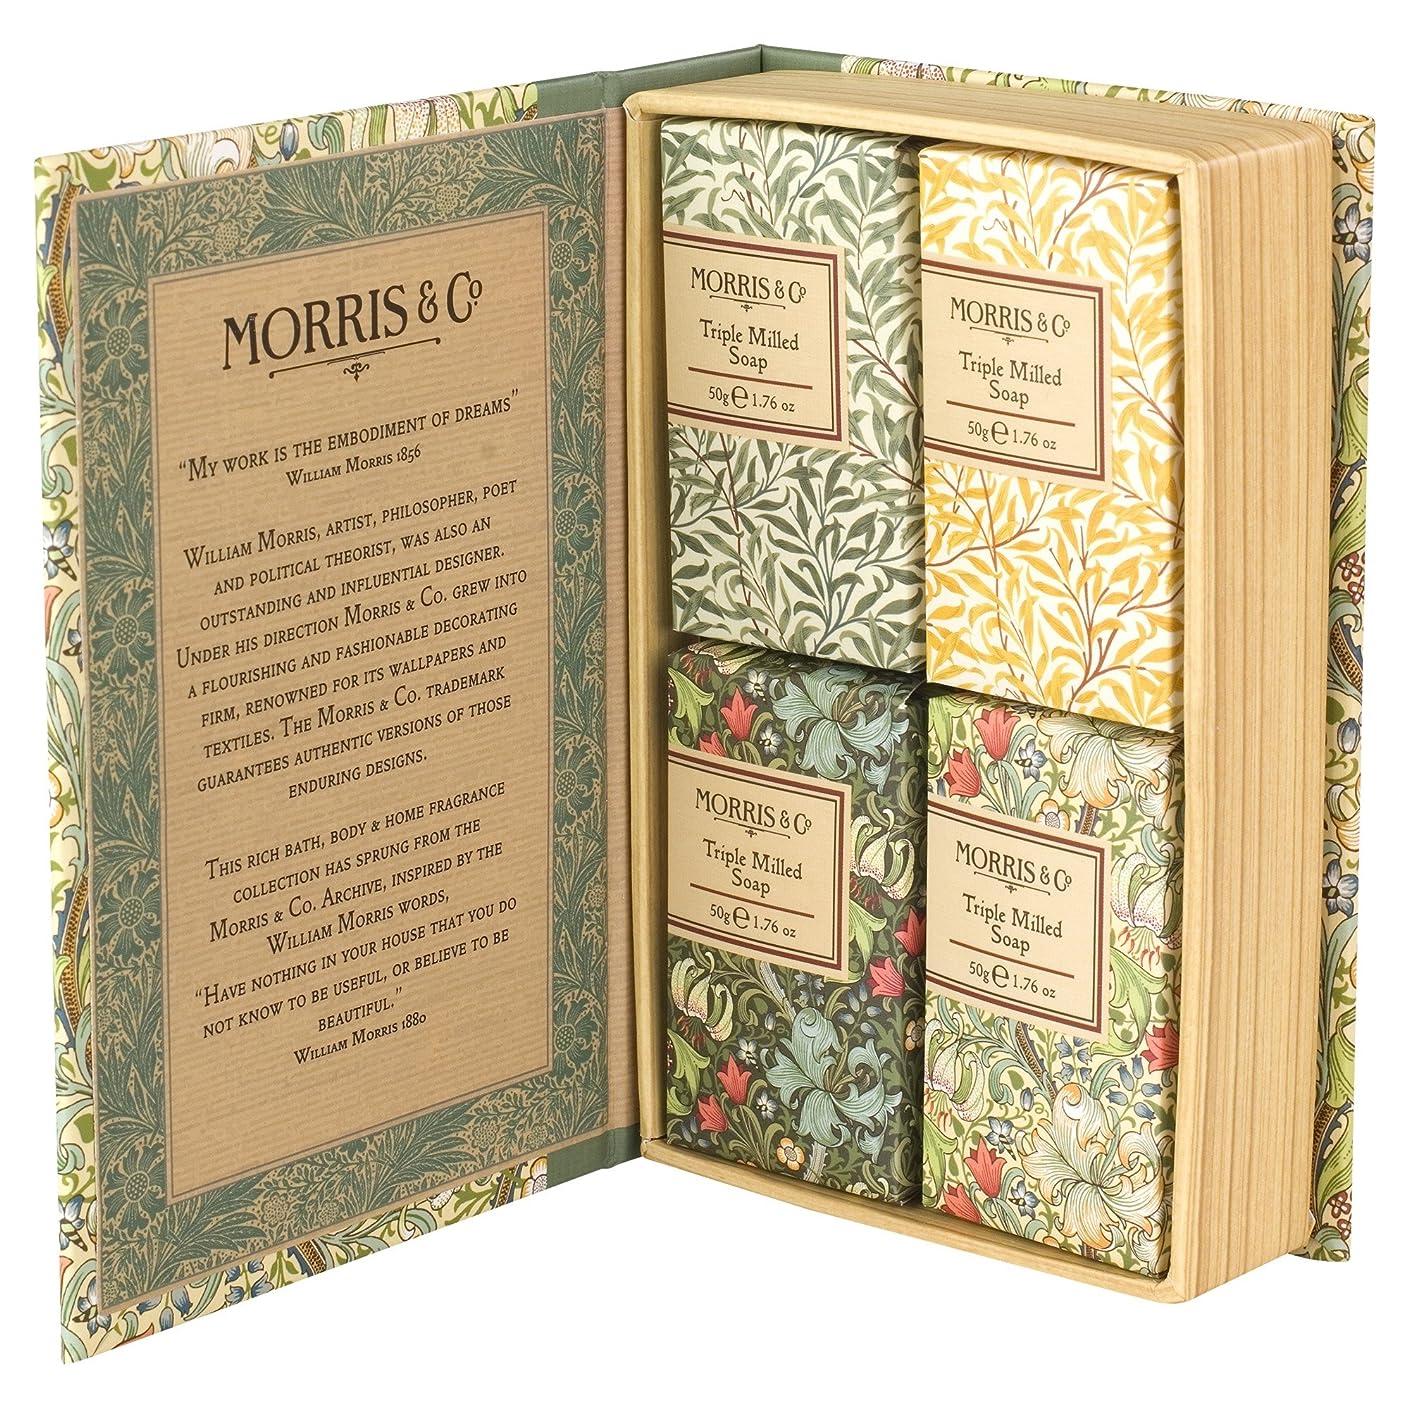 機械的に分子売るヒースコート&アイボリーモリス&共同黄金ユリゲストソープセット200グラム (Heathcote) (x6) - Heathcote & Ivory Morris & Co Golden Lily Guest Soap Set 200g (Pack of 6) [並行輸入品]